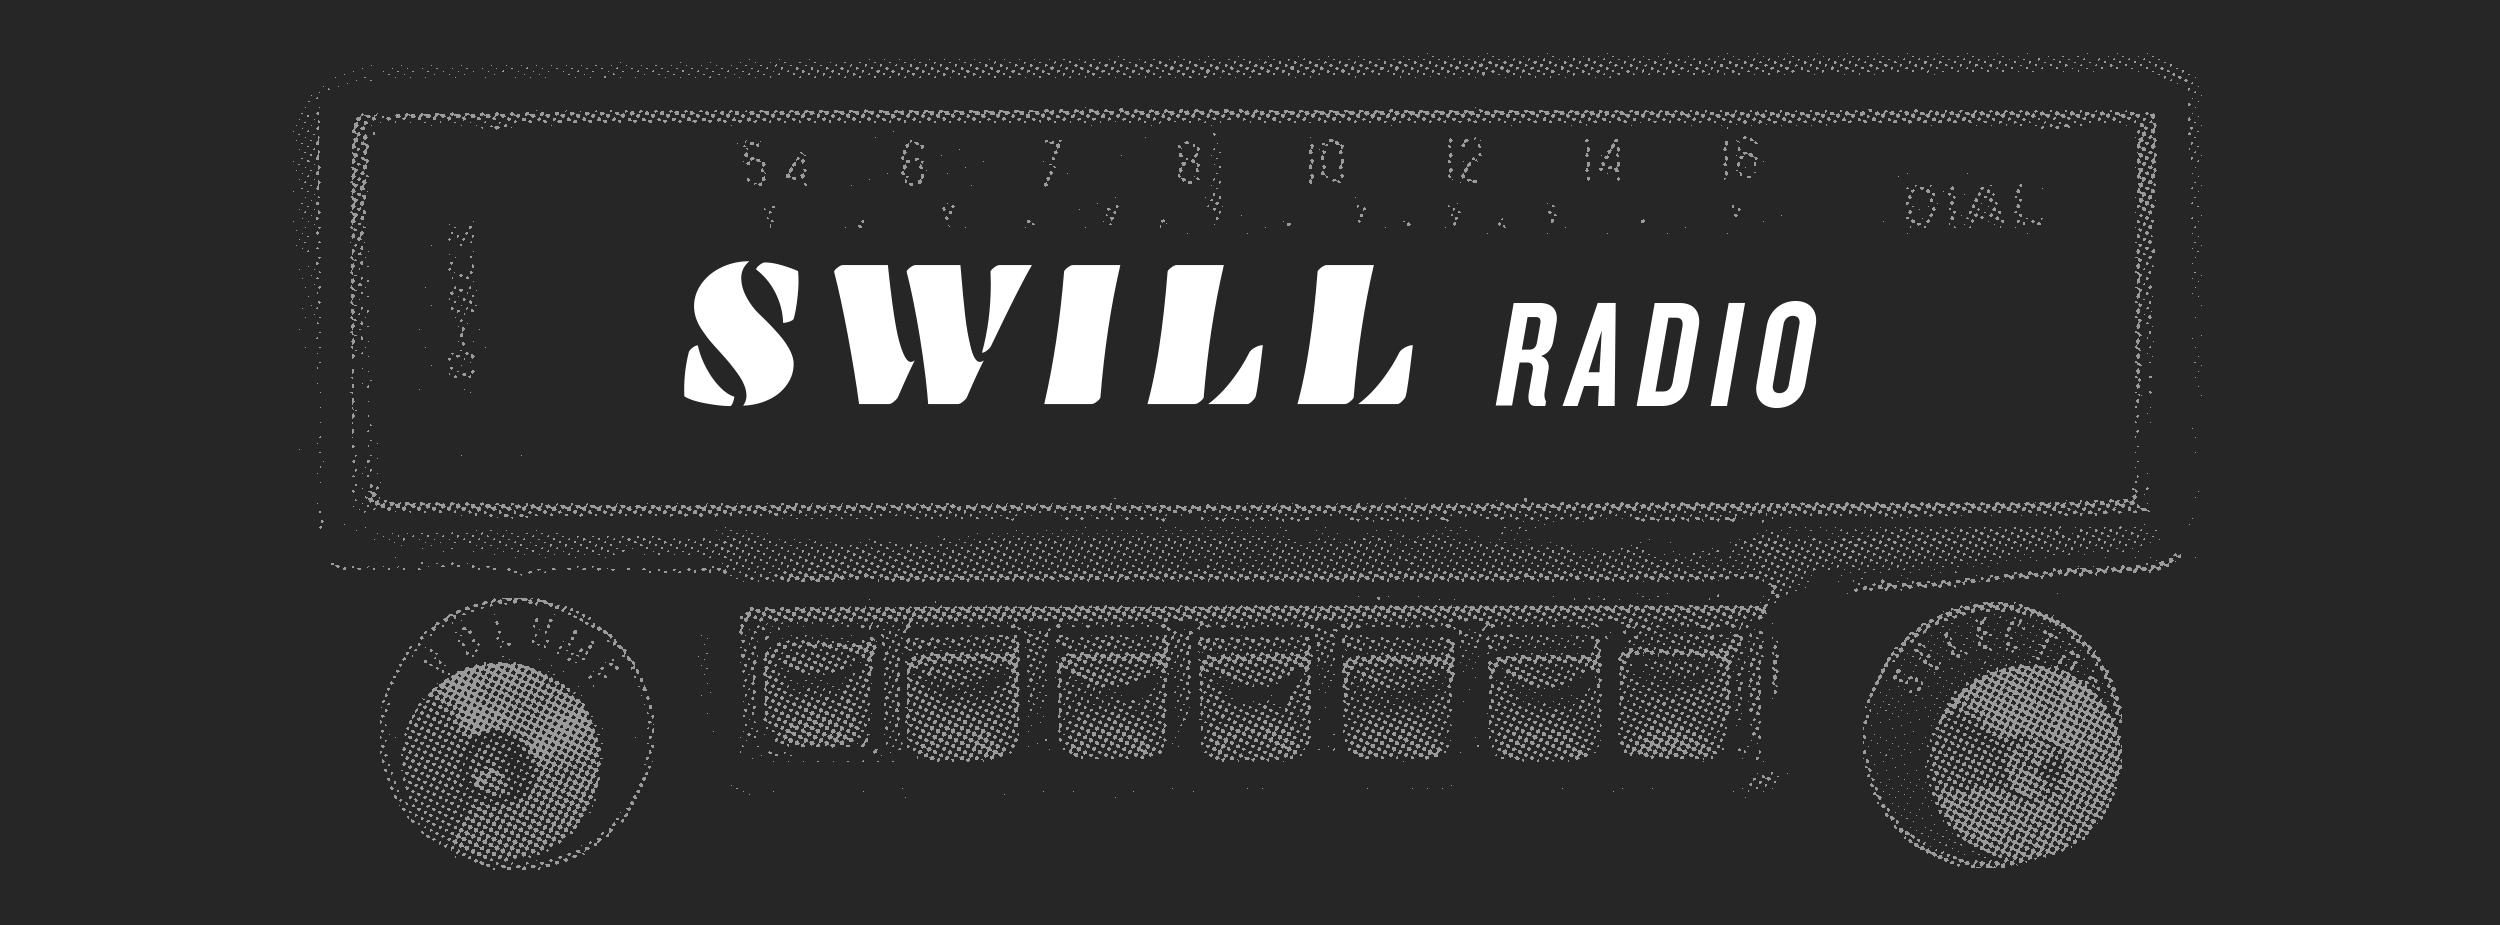 swillradioheader.jpg